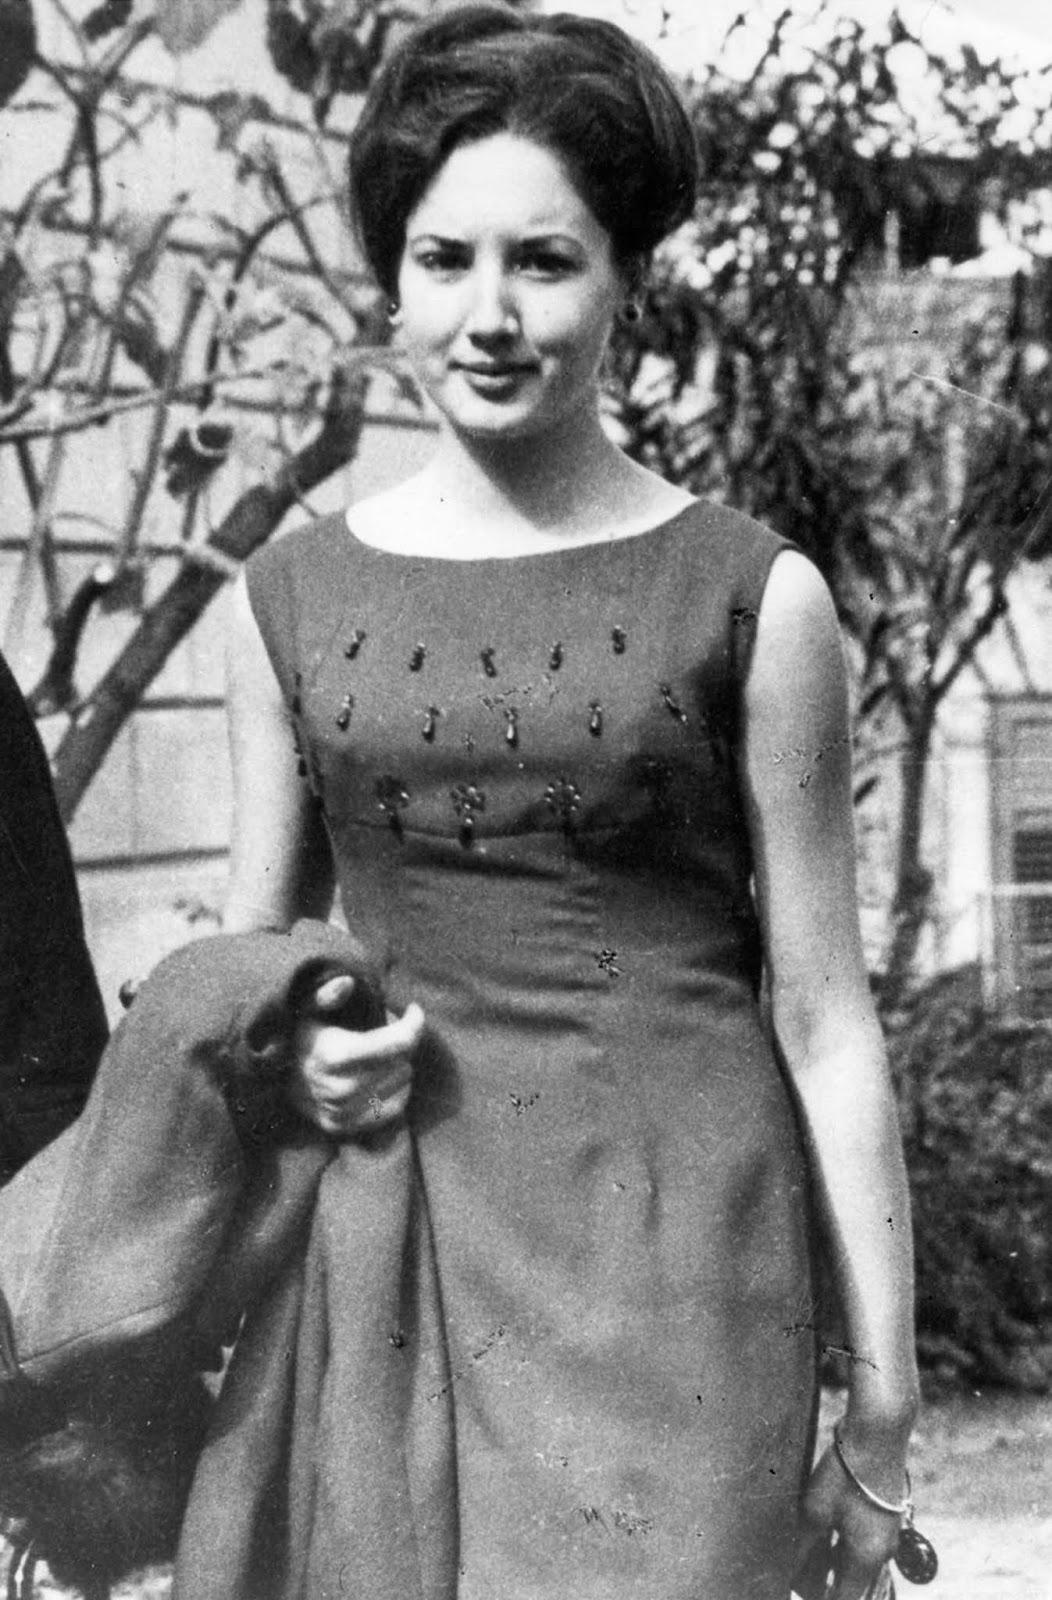 <p>През 1966 г. изнасилването в Италия е считано за престъпление срещу публичния морал, а не за престъпление срещу личността. Така Виола се превръща в &ldquo;donna svergognata&ldquo; &ndash; жена без чест, безсрамница.</p>